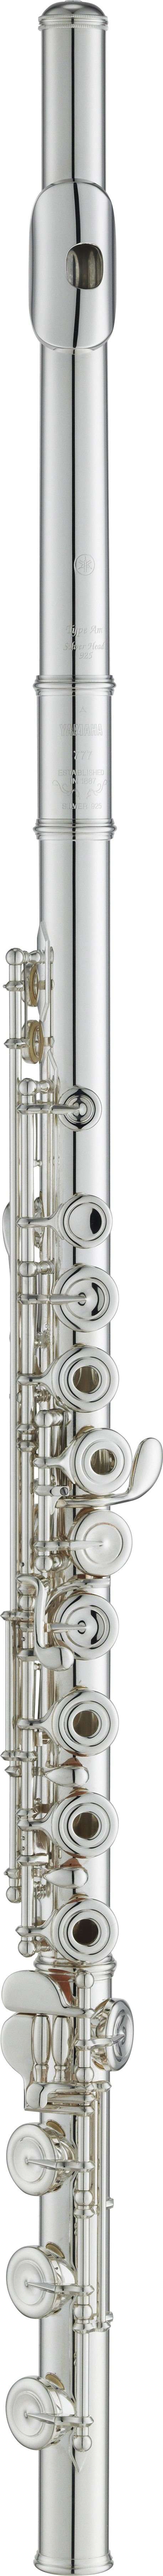 Yamaha - YFL-777-H - RBEO - Holzblasinstrumente - Flöten mit E-Mechanik | MUSIK BERTRAM Deutschland Freiburg